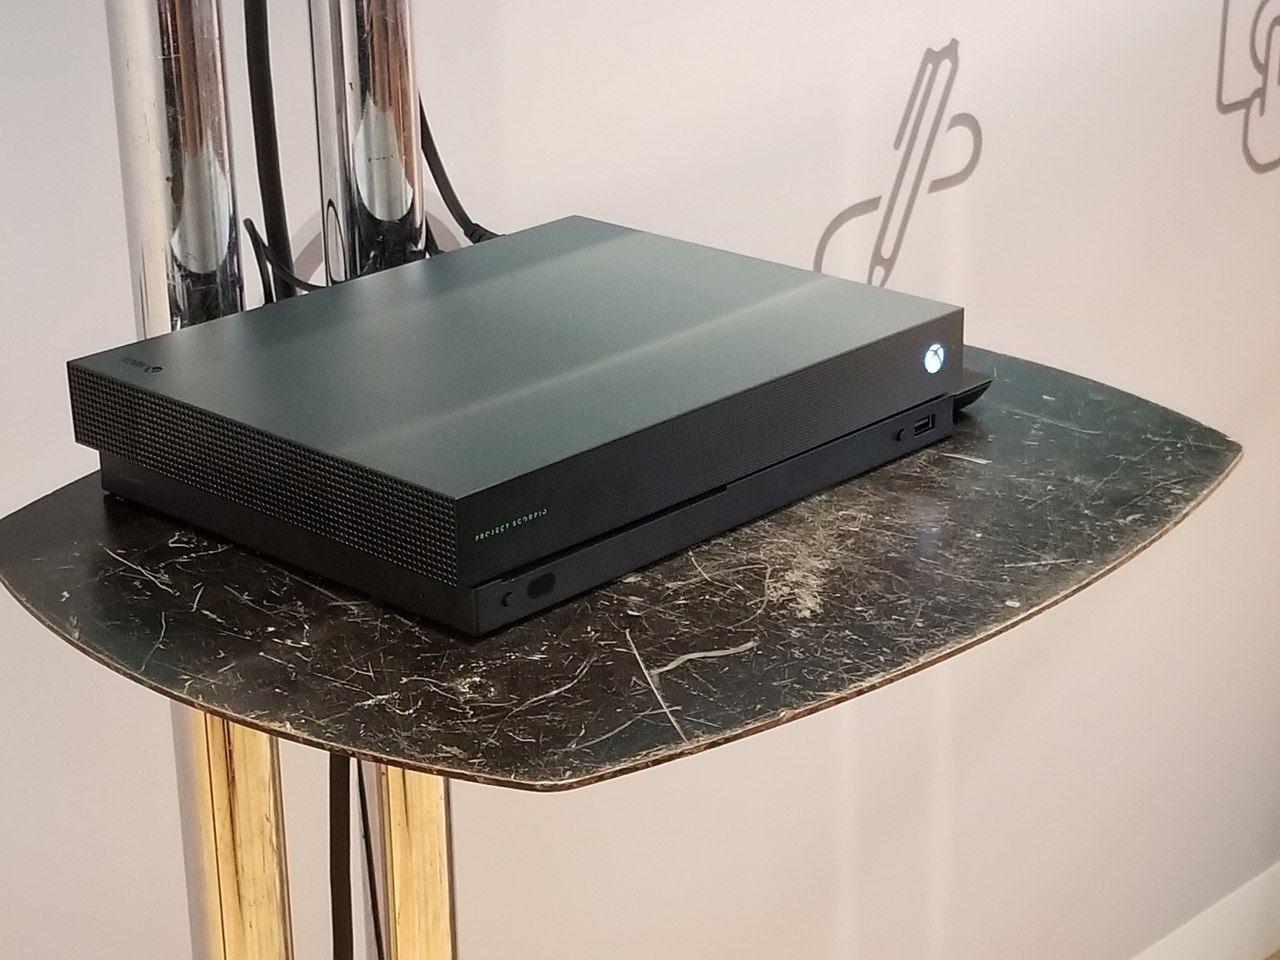 Xbox One X Project Scorpio Edition Vs Xbox One X Xbox One Xbox Xbox One S